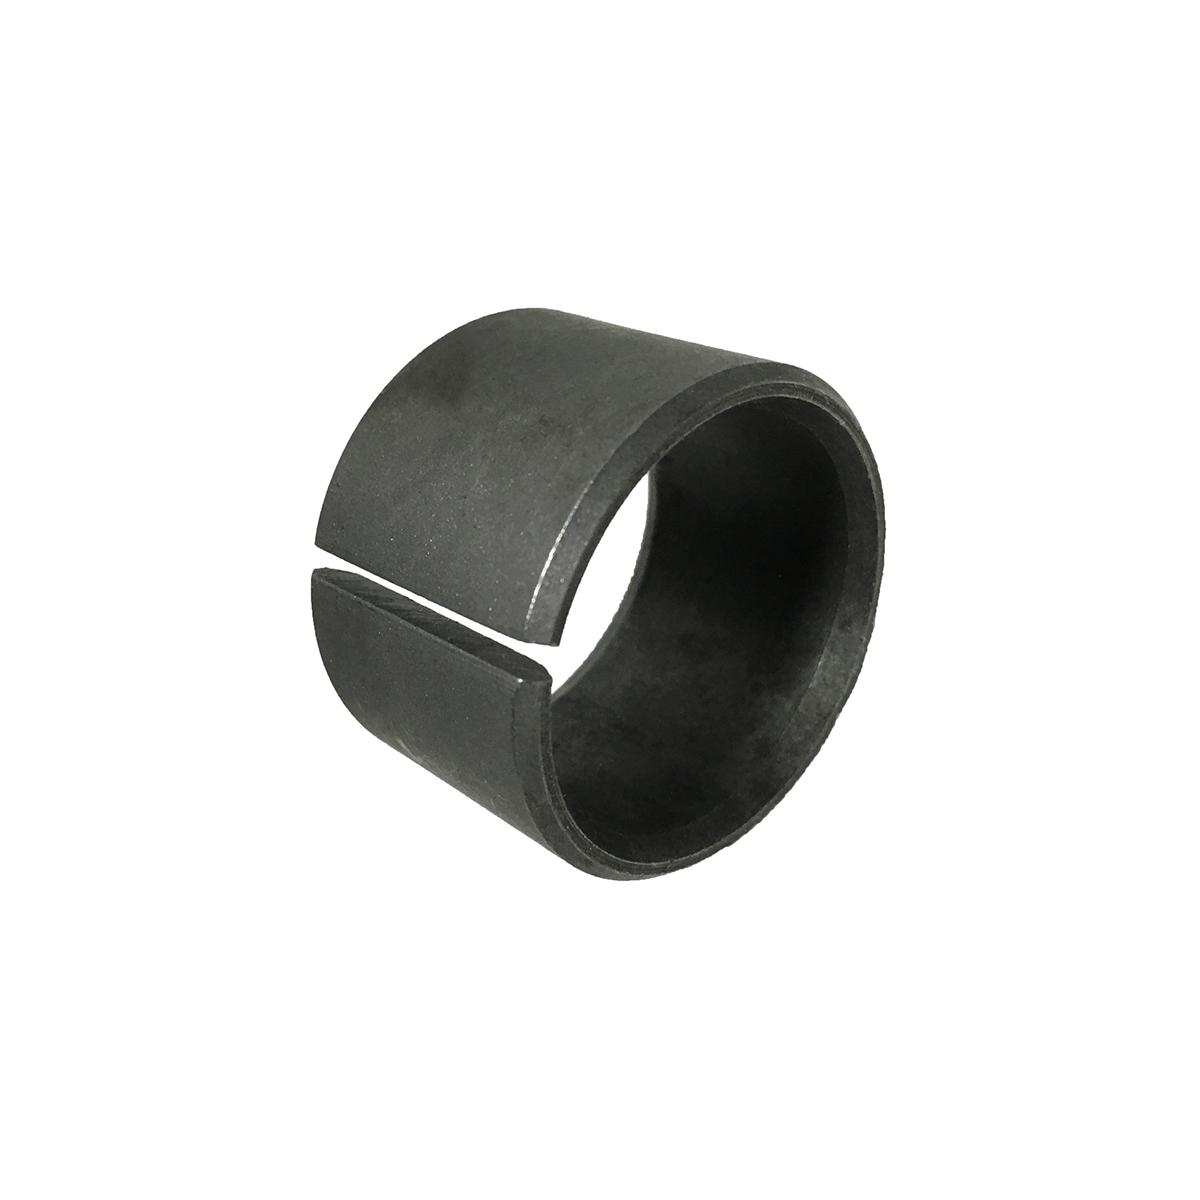 1 x 0.75 steel bushing reducer for hydraulic cylinder